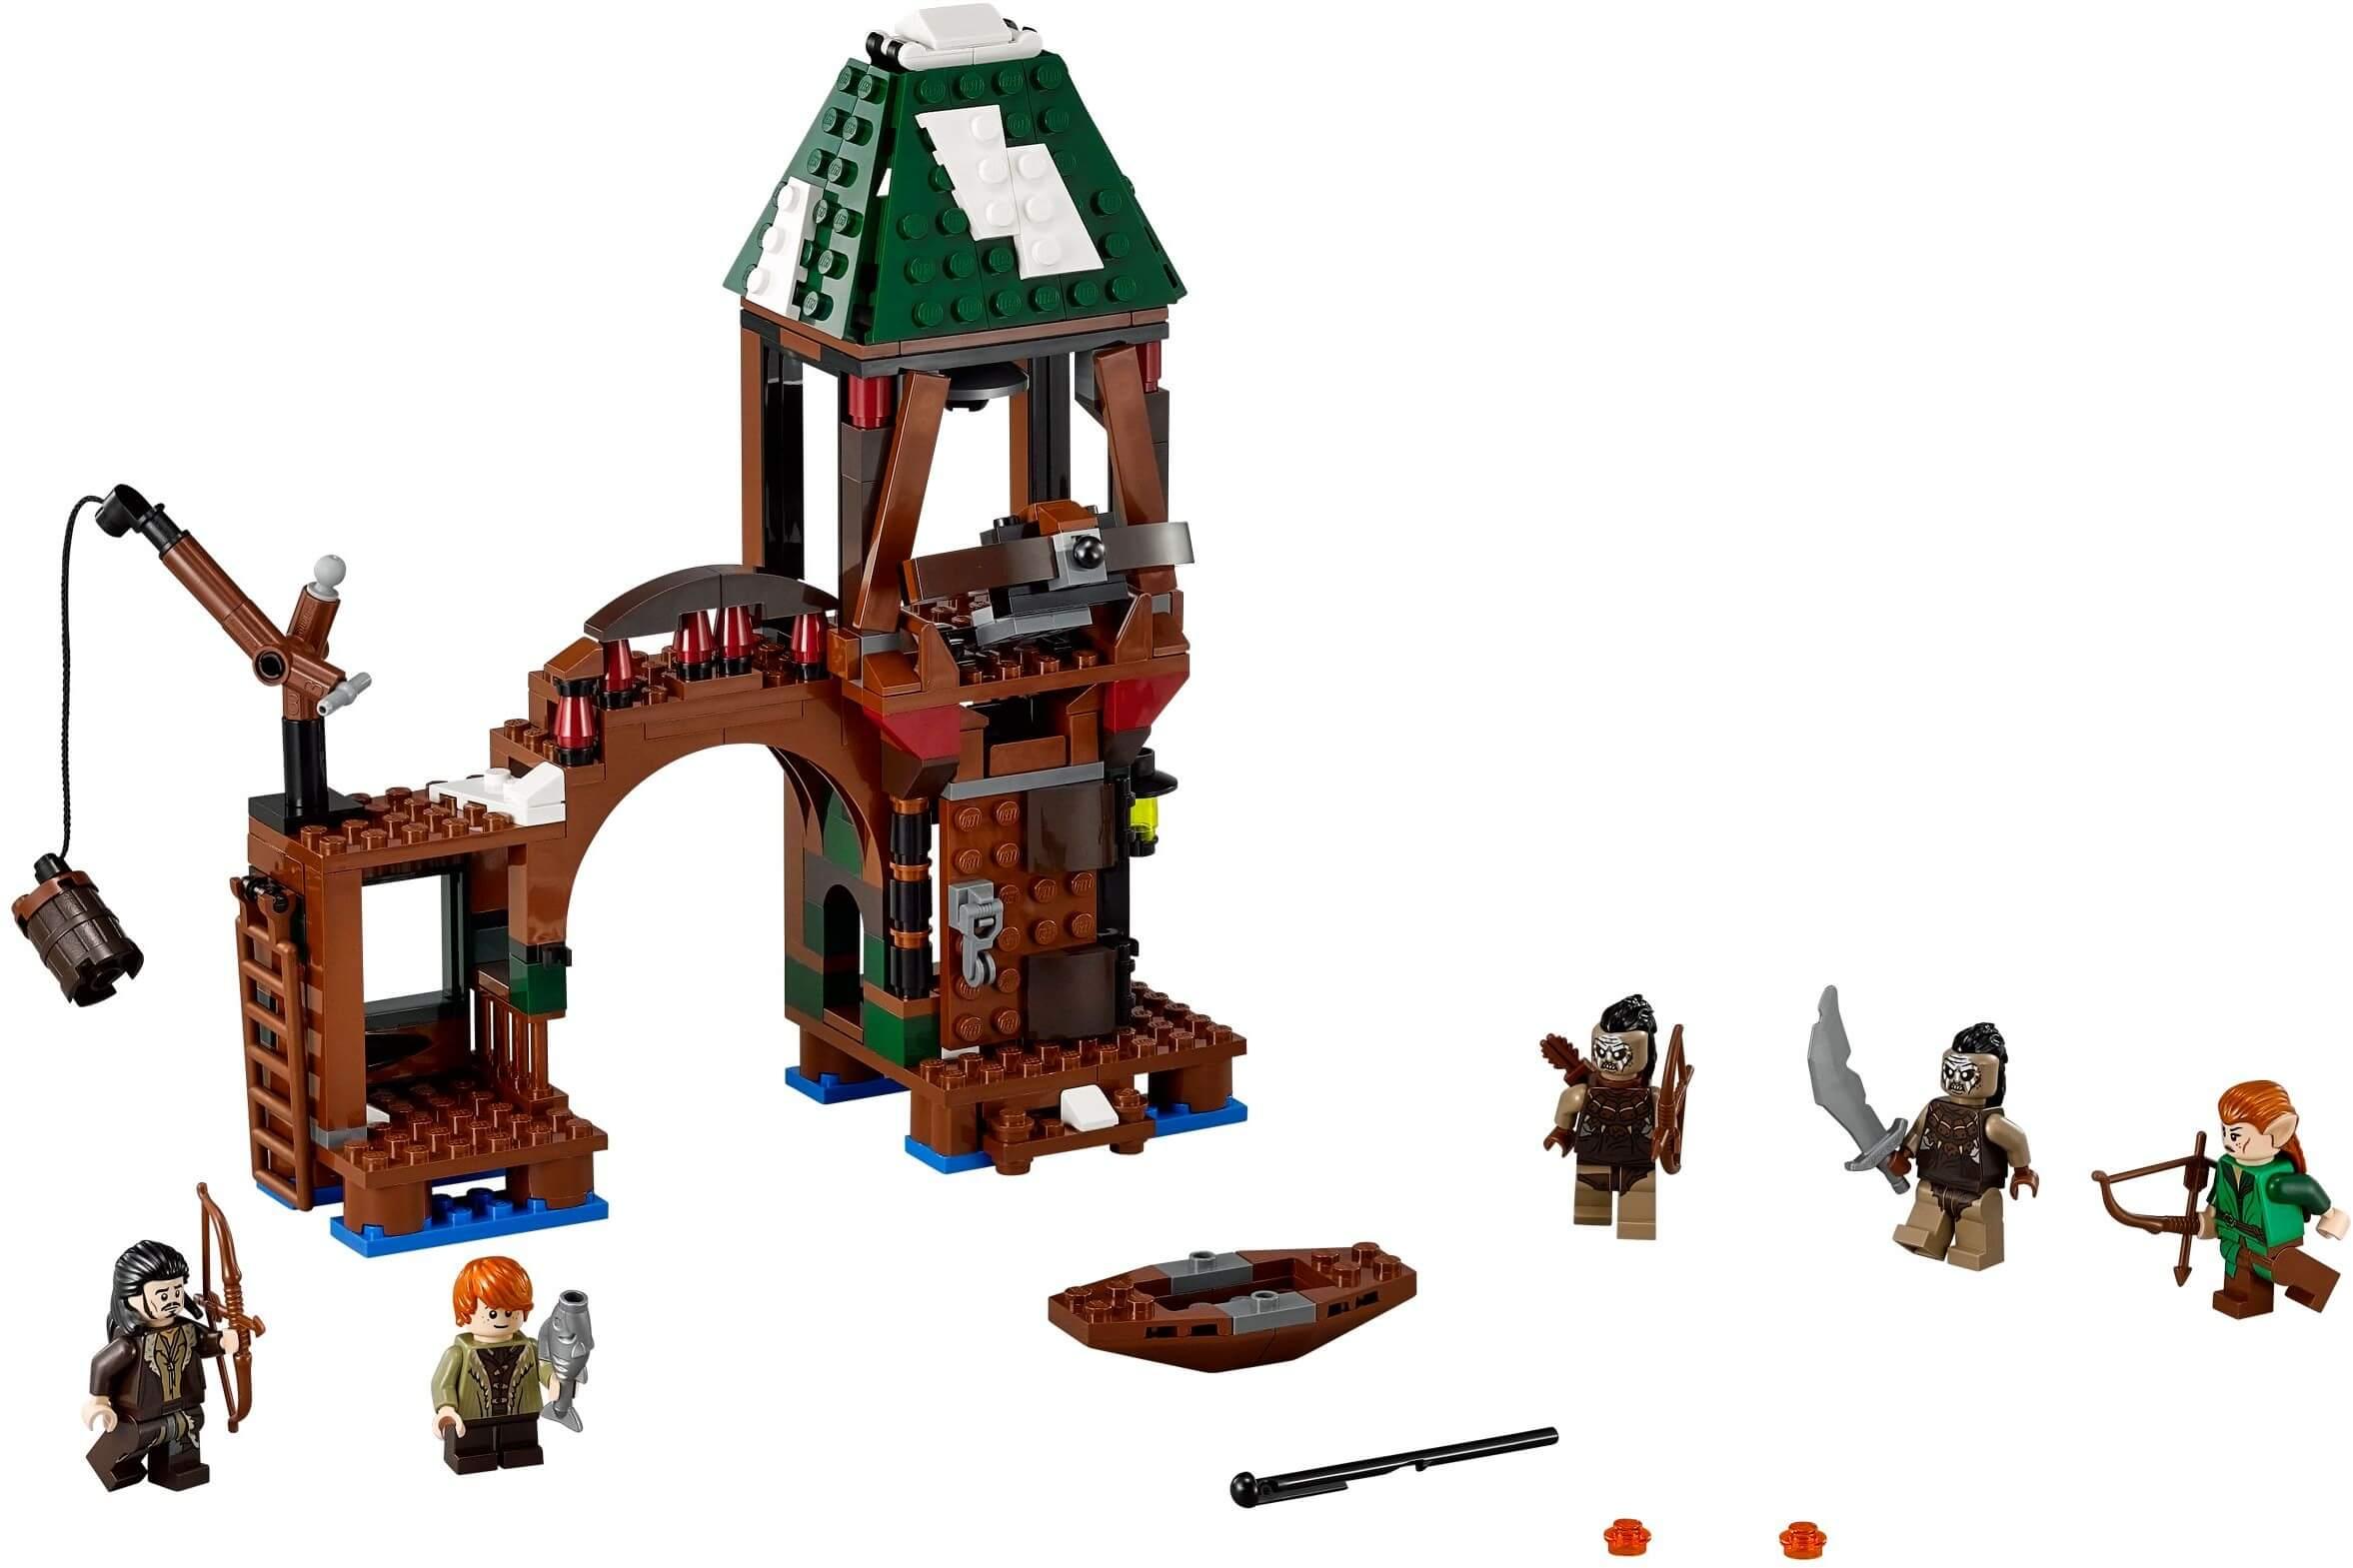 Mua đồ chơi LEGO 79016 - LEGO Hobbit 79016 - Cuộc chiến bảo vệ Lake-town (LEGO The Hobbit Attack on Lake-town 79016)